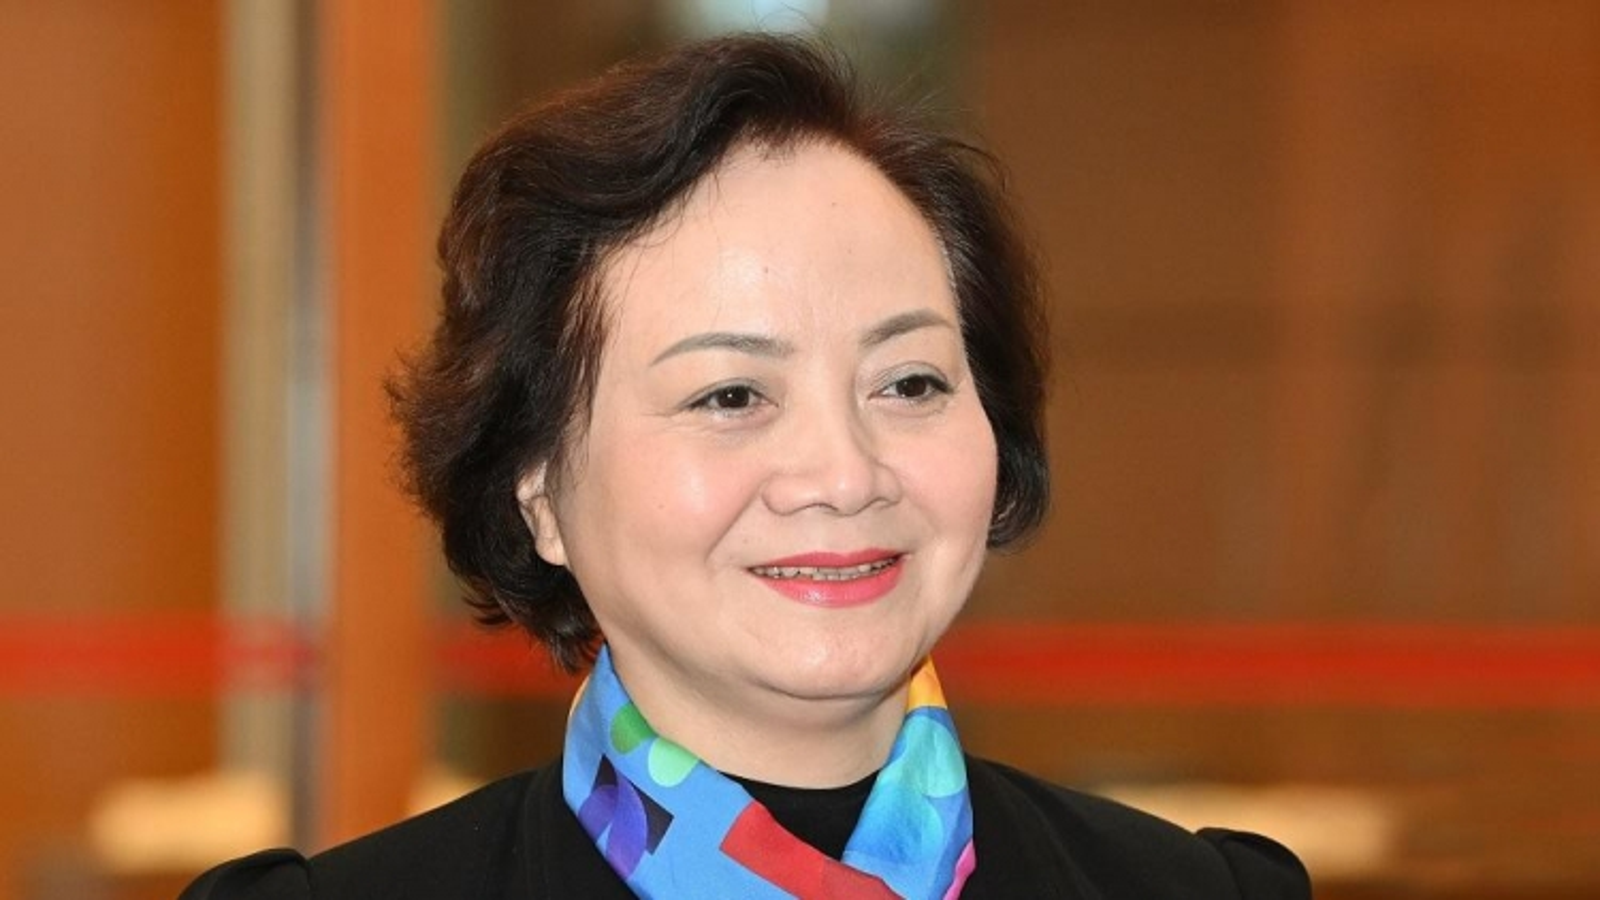 Chân dung tân Bộ trưởng Bộ Nội vụ Phạm Thị Thanh Trà